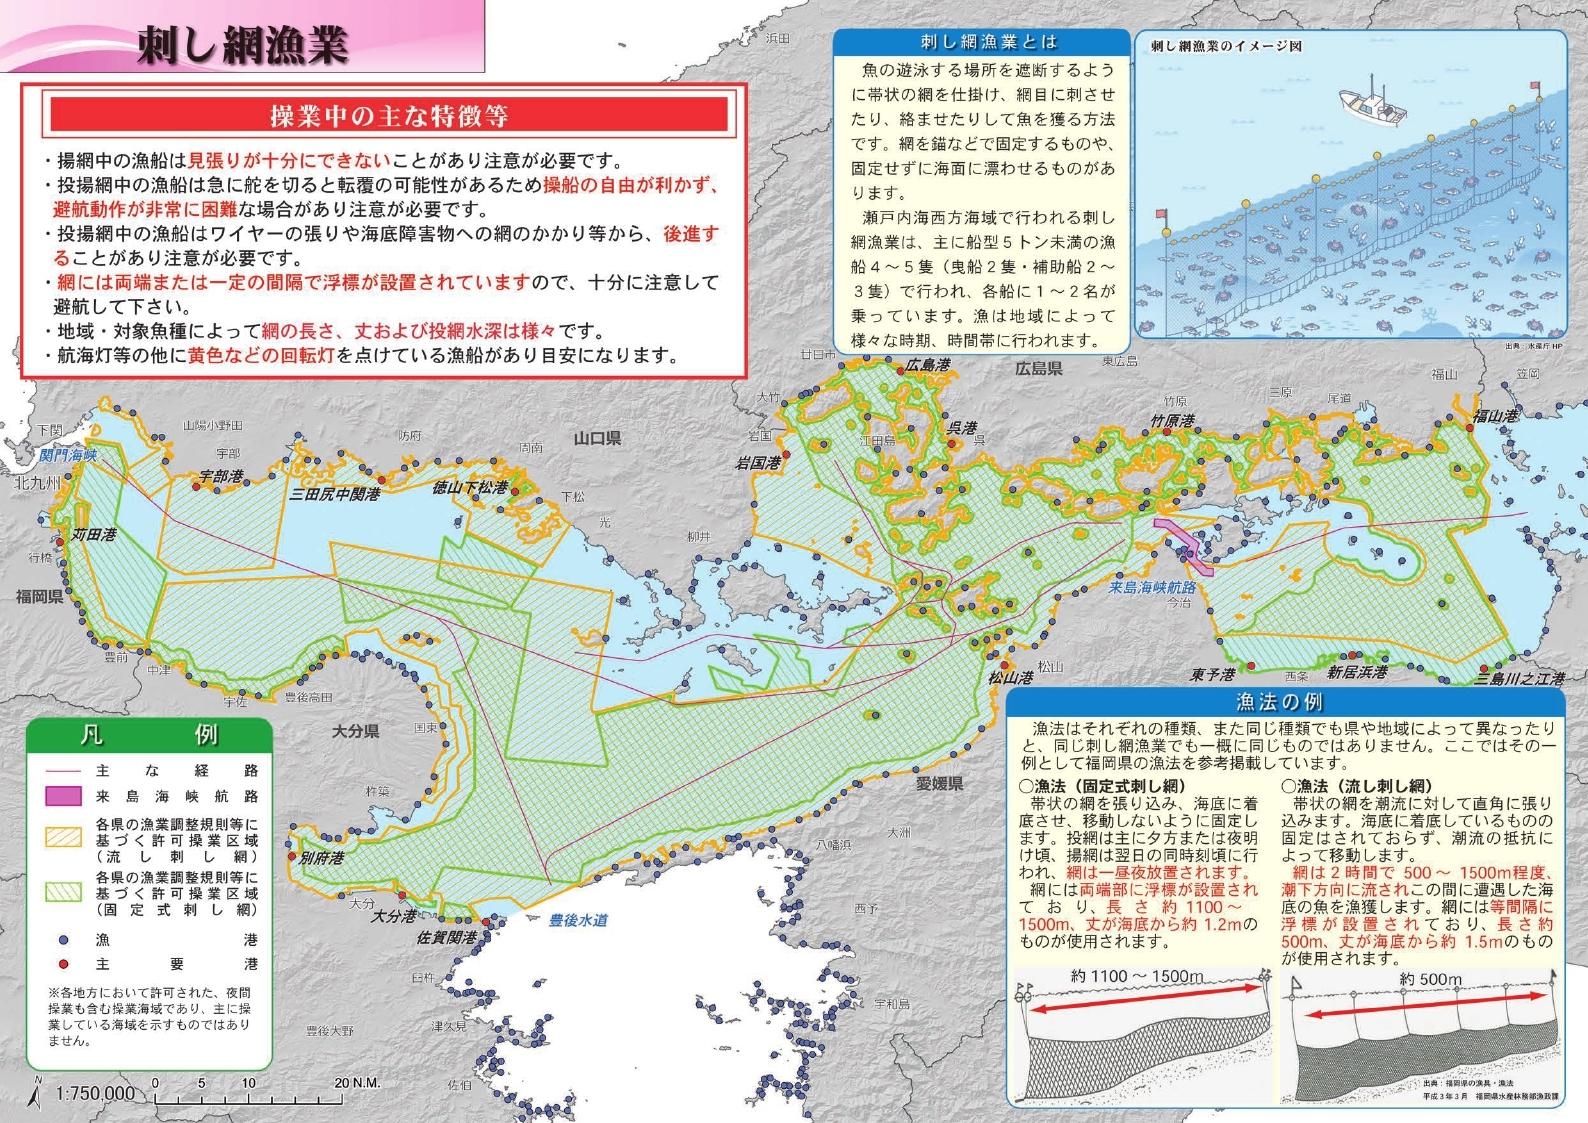 【日本語版】瀬戸内海西方海域漁業操業情報図(圧縮).pdf_page_06